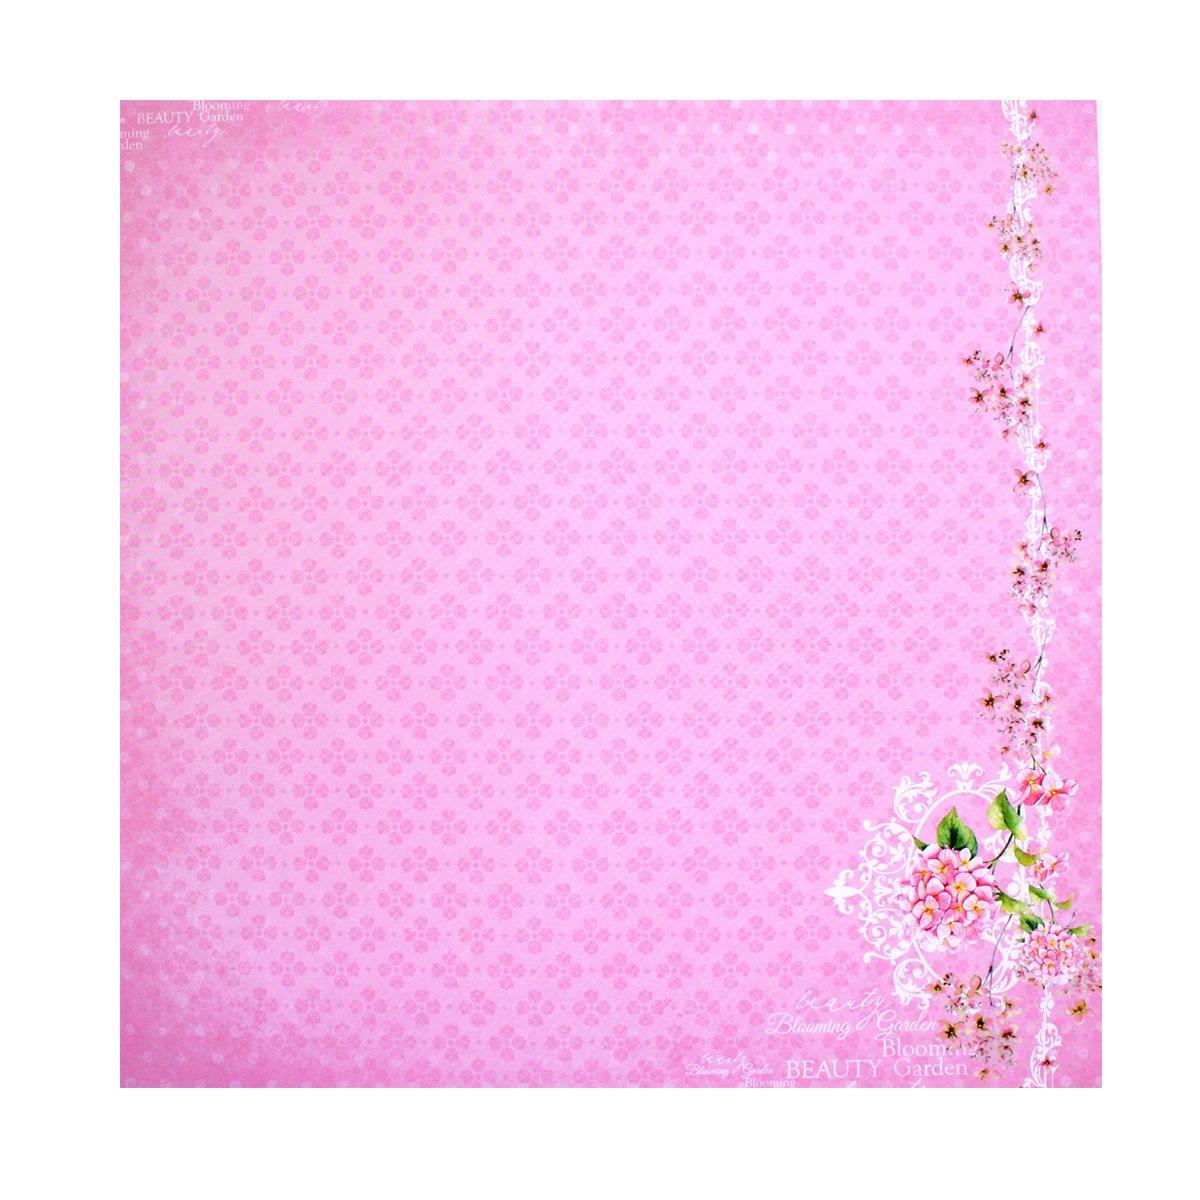 Бумага для скрапбукинга ScrapBerrys Цветущий сад. Вишневый цвет, 30,5 х 30,5 см, 10 листов. 497507497507